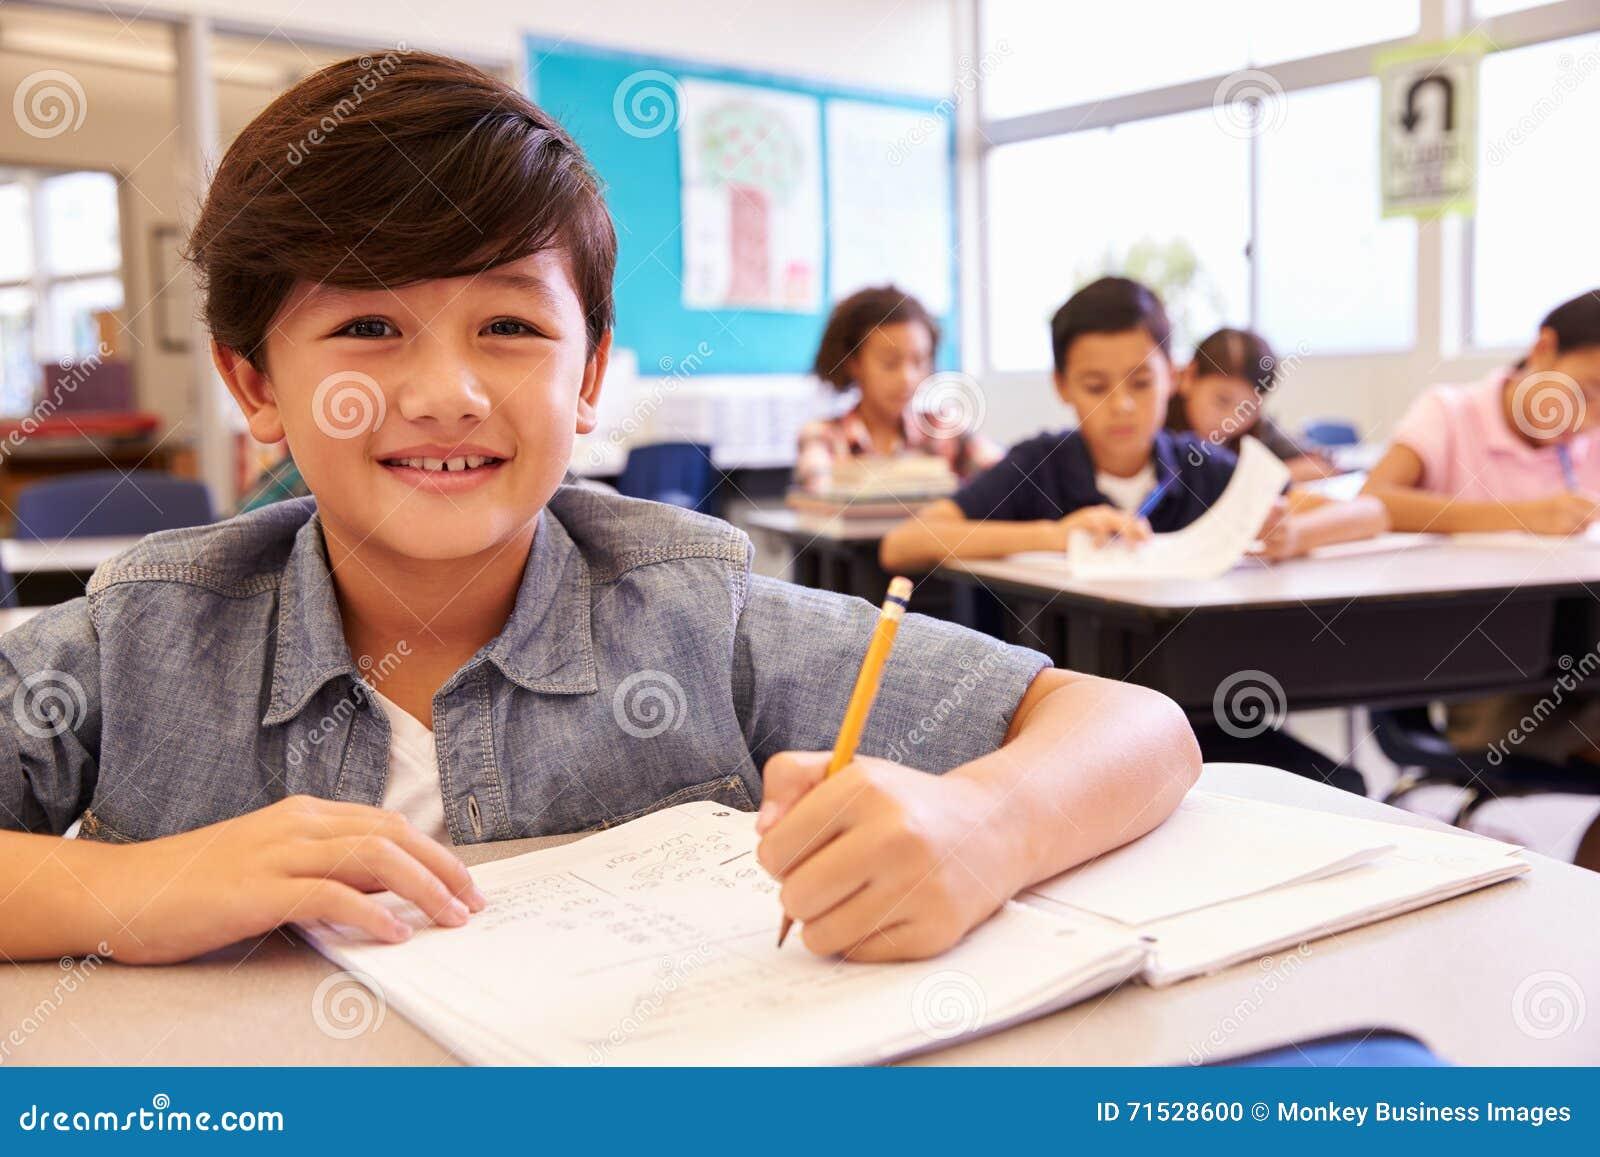 Aziatische schooljongen die in basisschoolklasse aan camera kijken